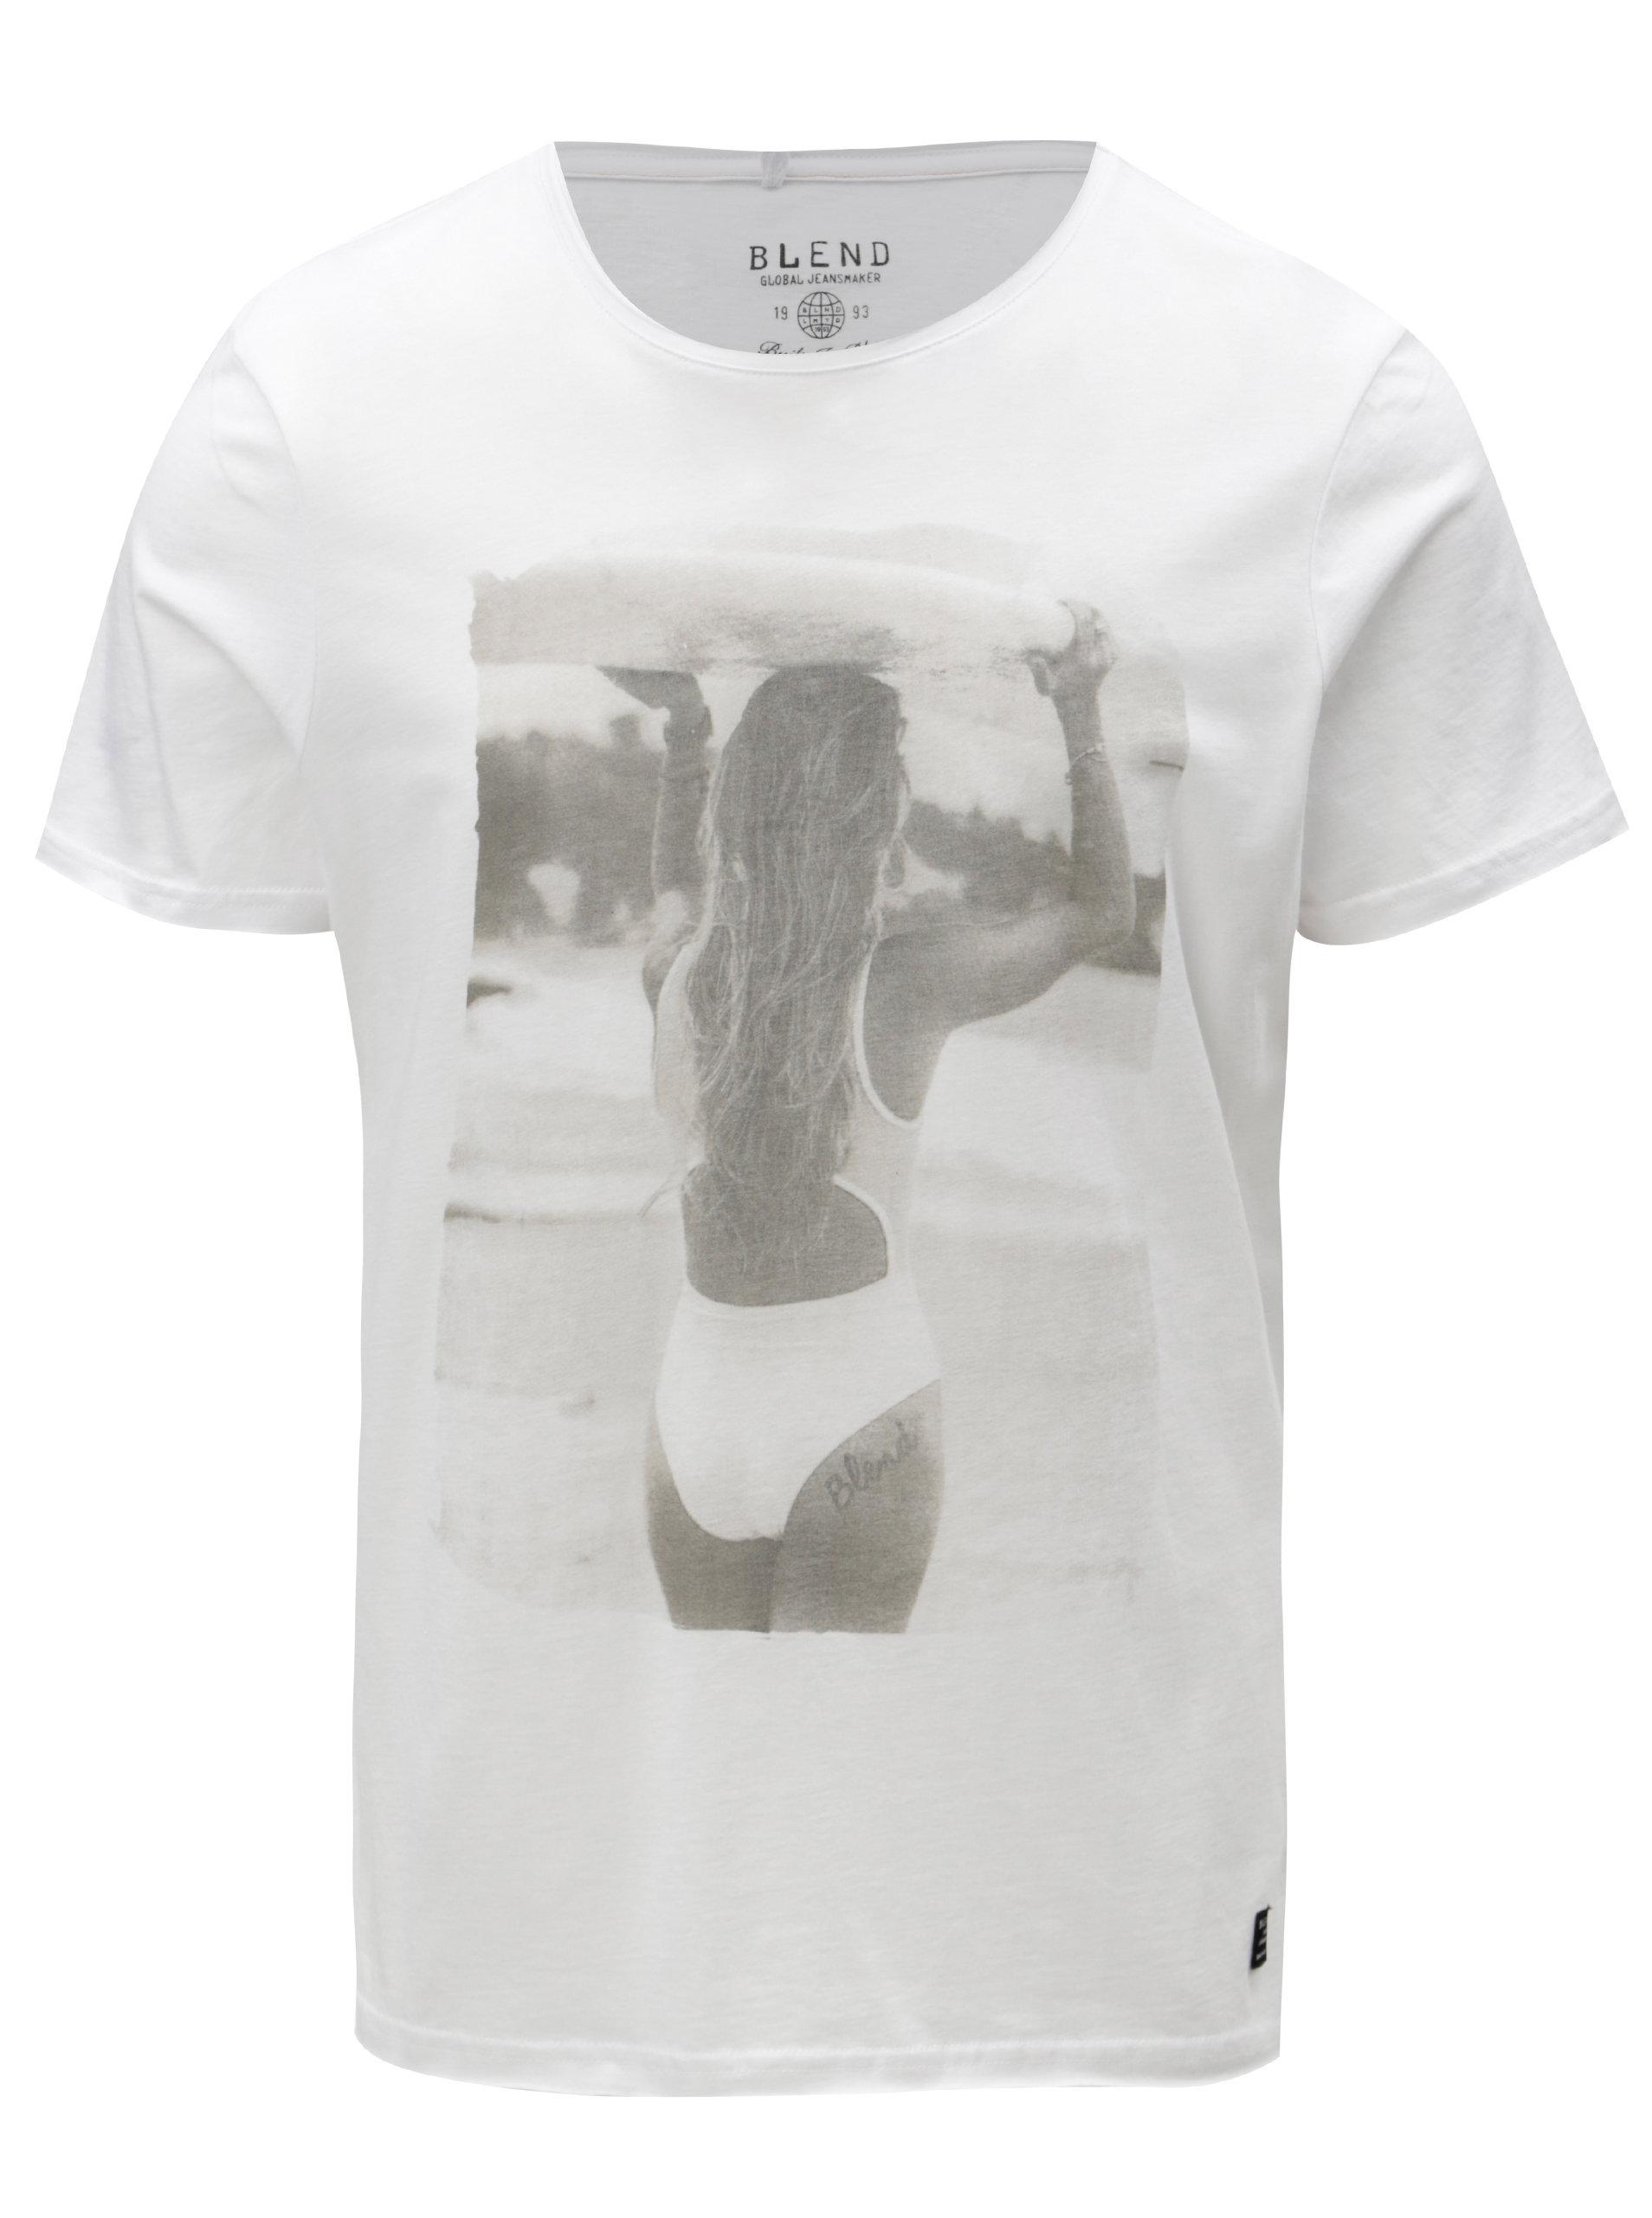 6bfd7183ff1c Biele slim fit tričko s potlačou ženy Blend ...